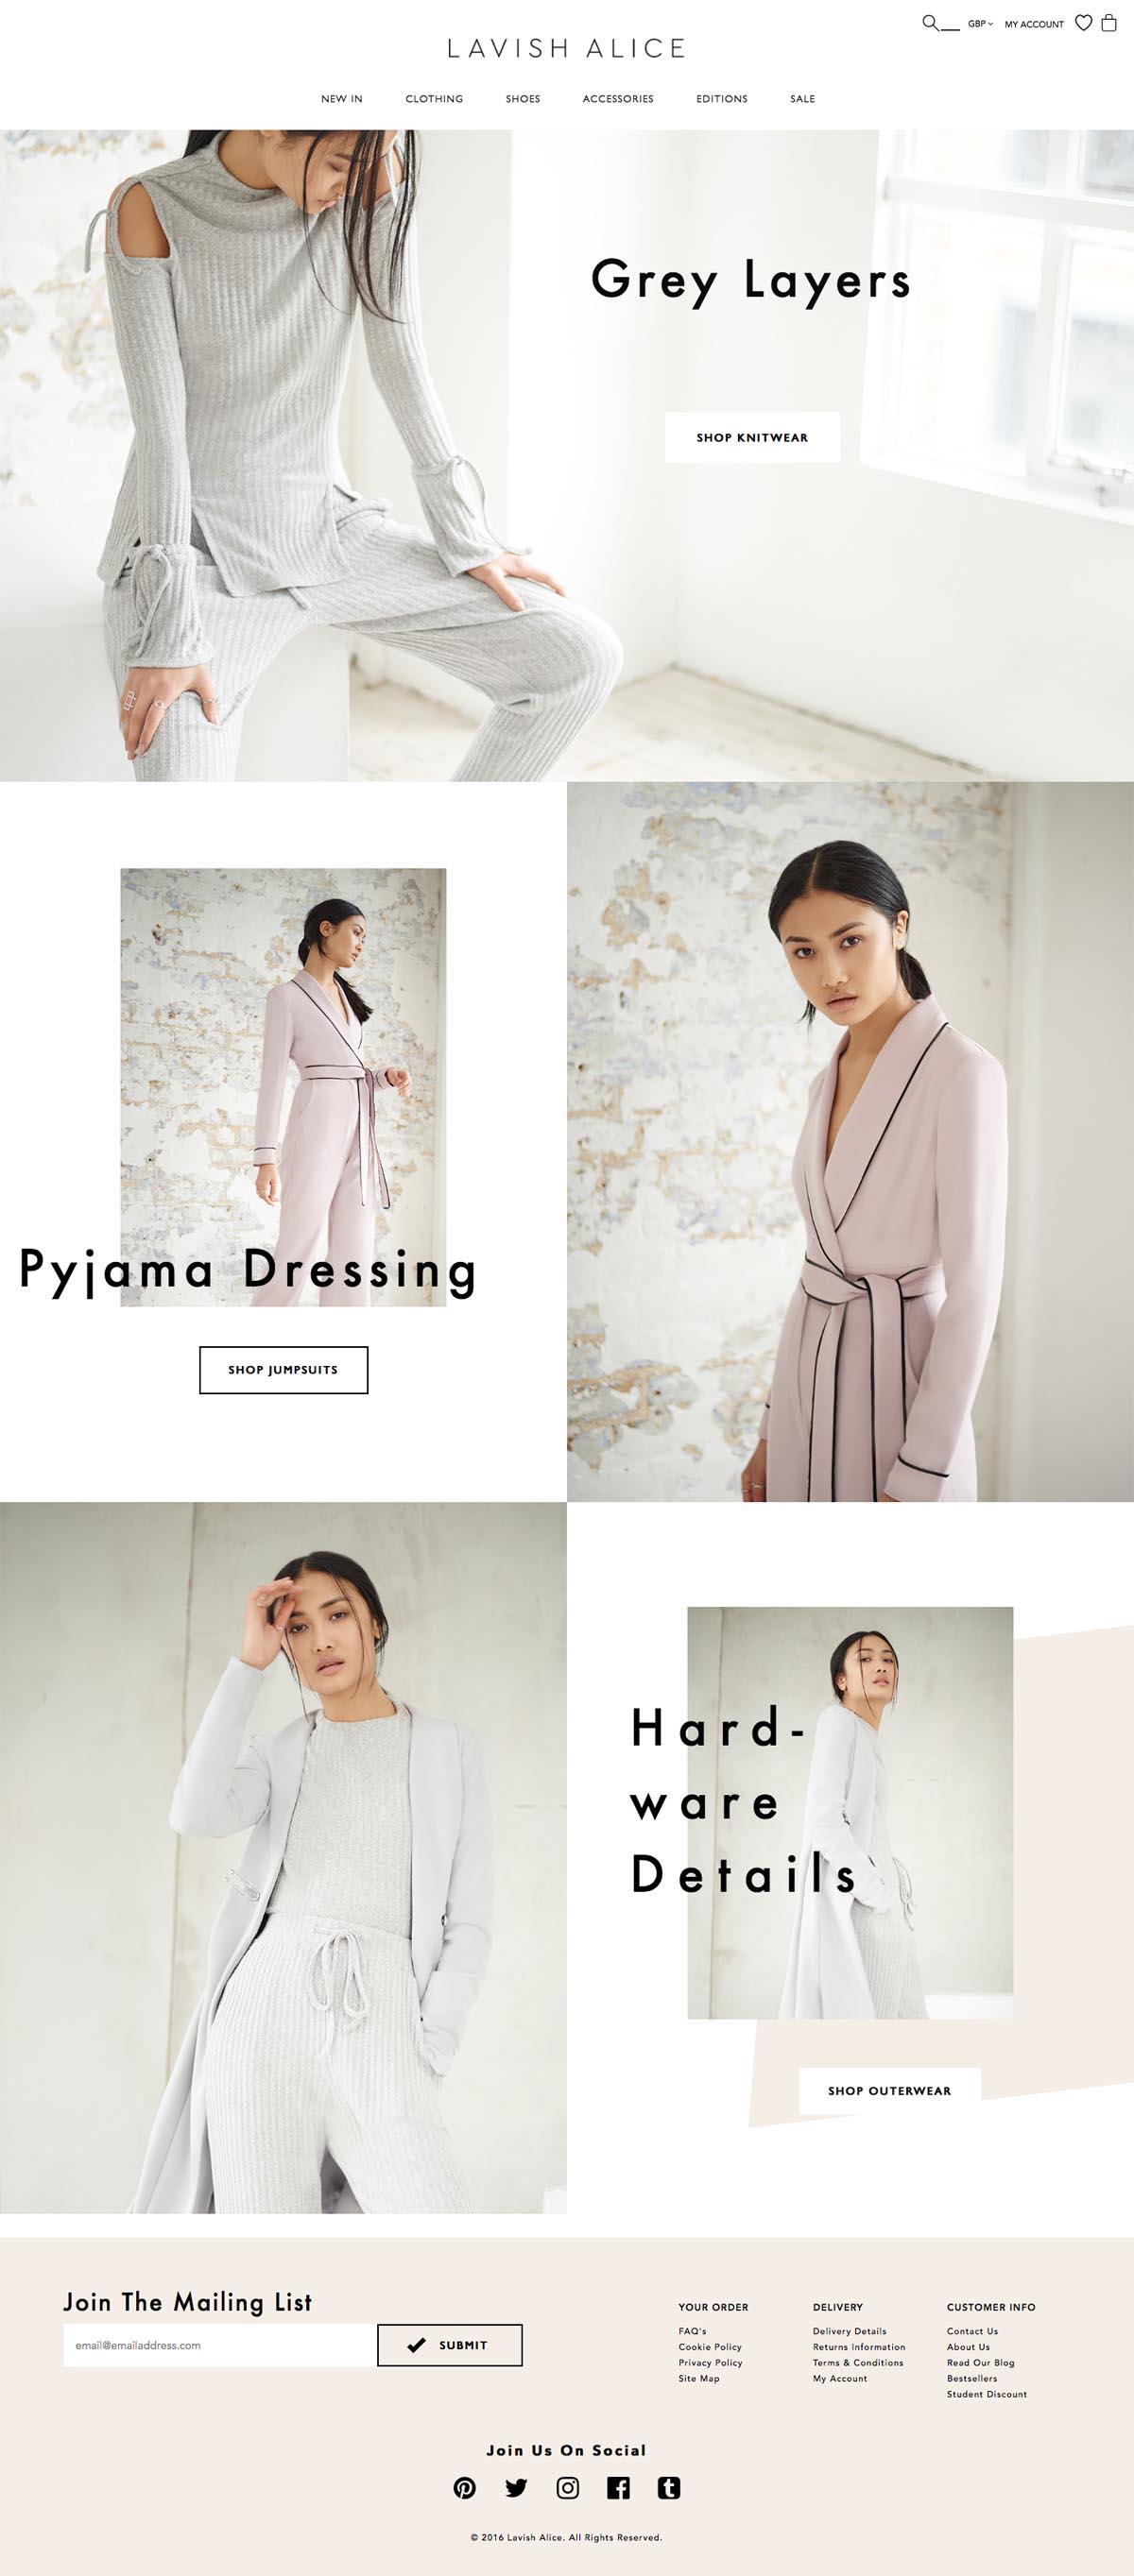 eCommerce website: Lavish Alice